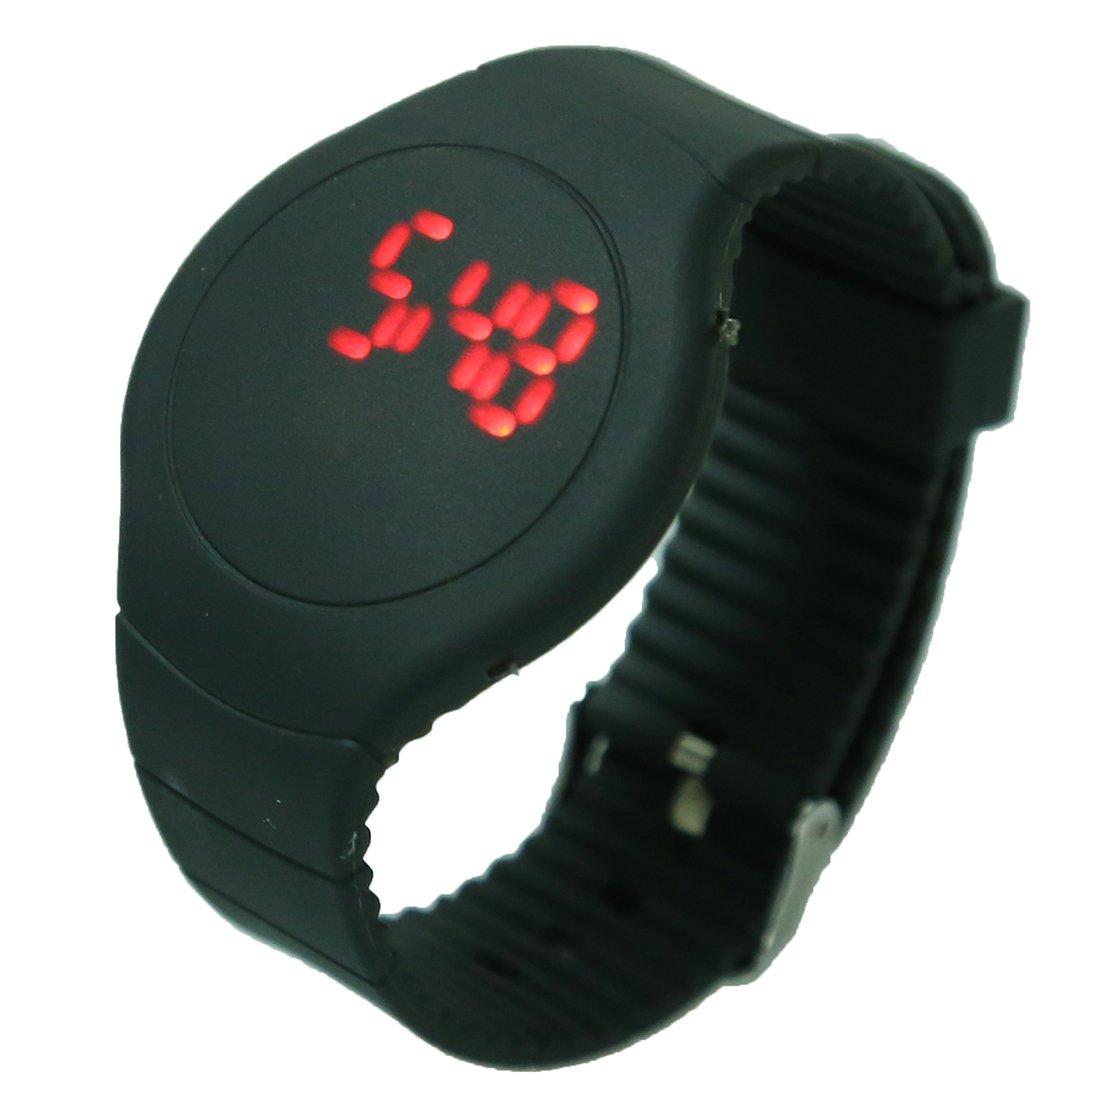 Reloj - SODIAL(R)Guapo Tacto LED Digital Reloj Reloj de pulsera con esfera redonda Negro: Amazon.es: Relojes